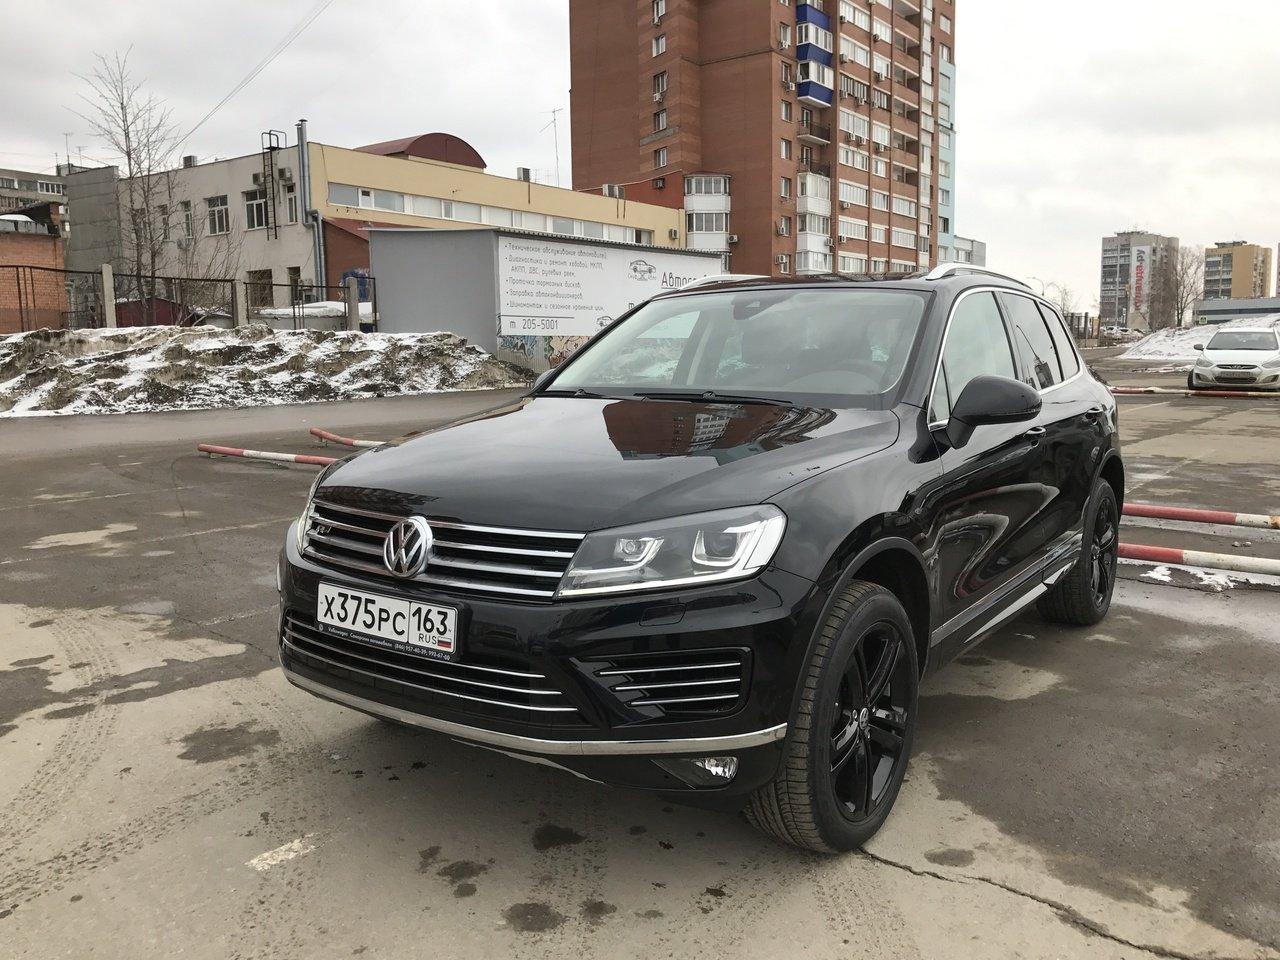 В столице России натестах замечен новый кроссовер VW Touareg